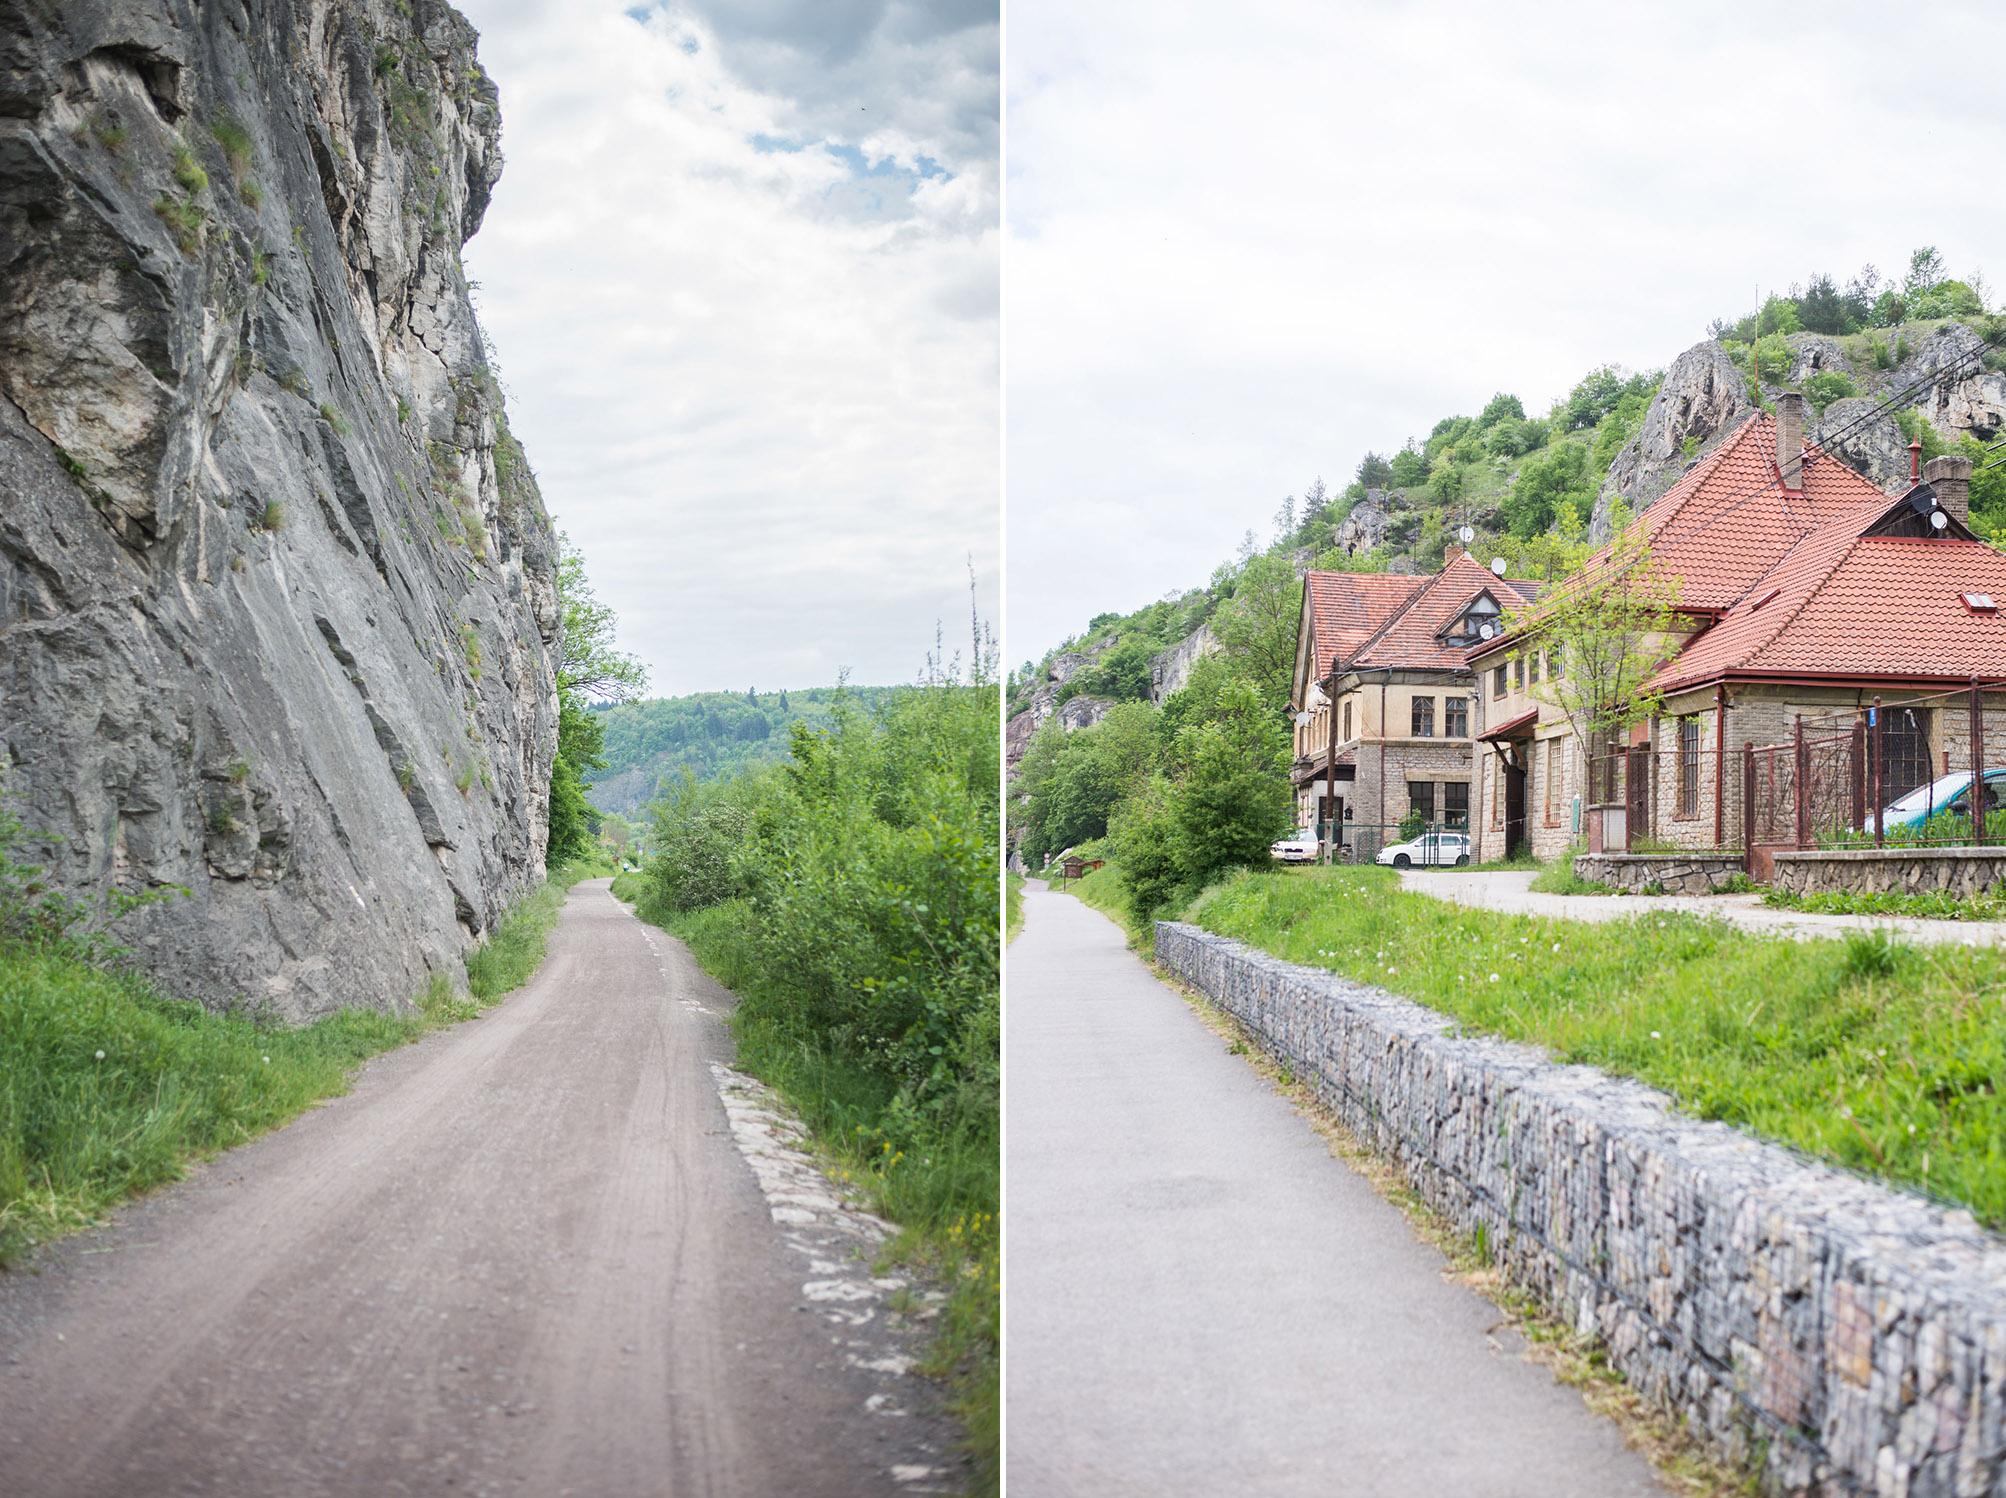 Srbsko Czech Republic Tschechien Berounka